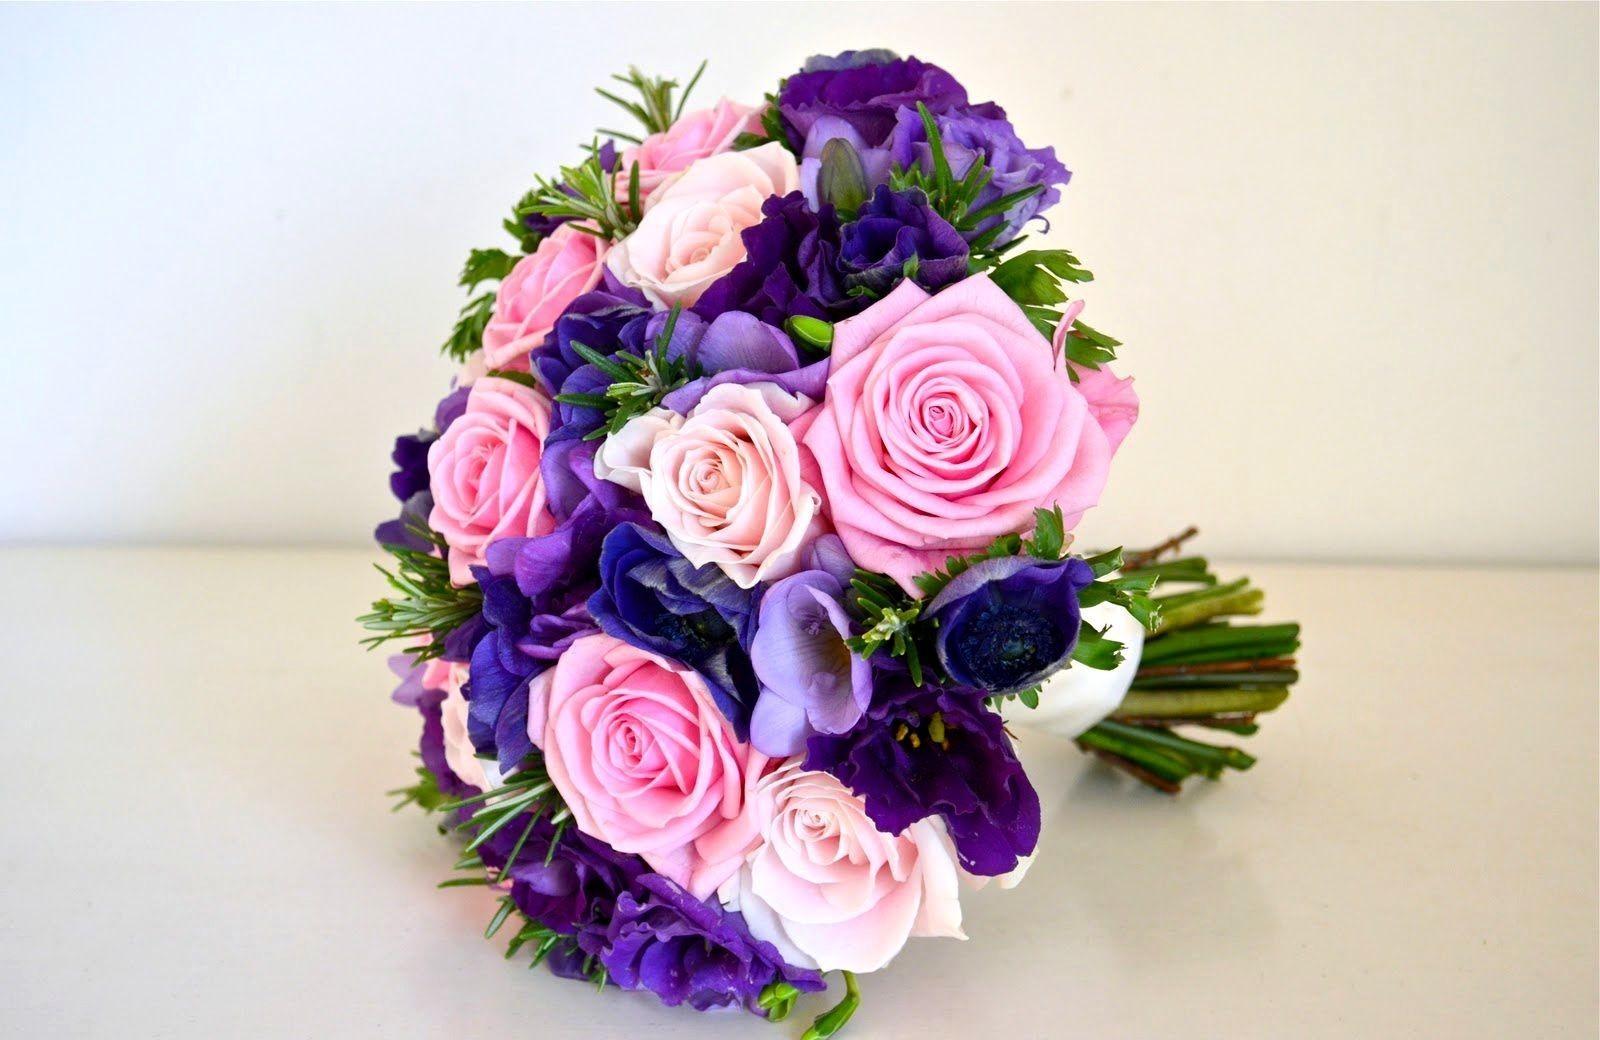 Фото букета свадебных цветов